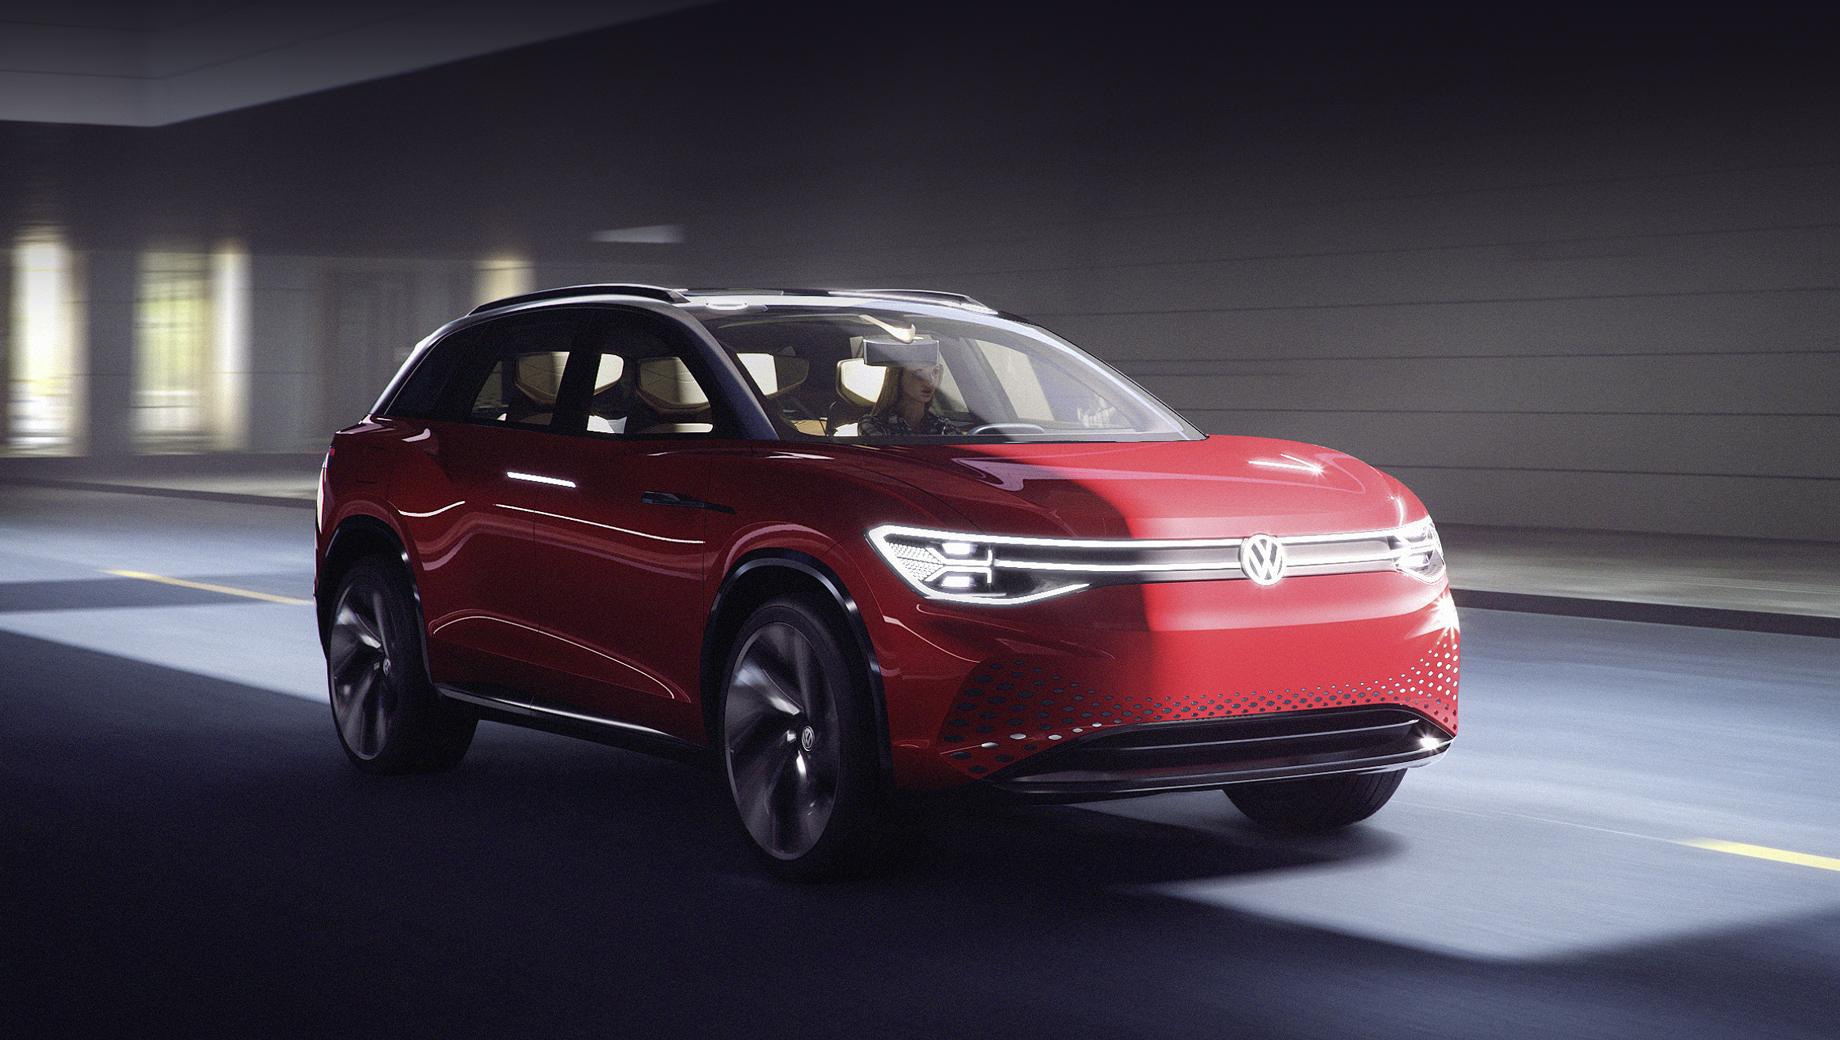 Volkswagen id roomzz,Volkswagen id 6. Шоу-кар был полноприводным 306-сильным, разгонялся до сотни за 6,6 с и проезжал 450 км по циклу WLTP за счёт батареи ёмкостью 82 кВт•ч.